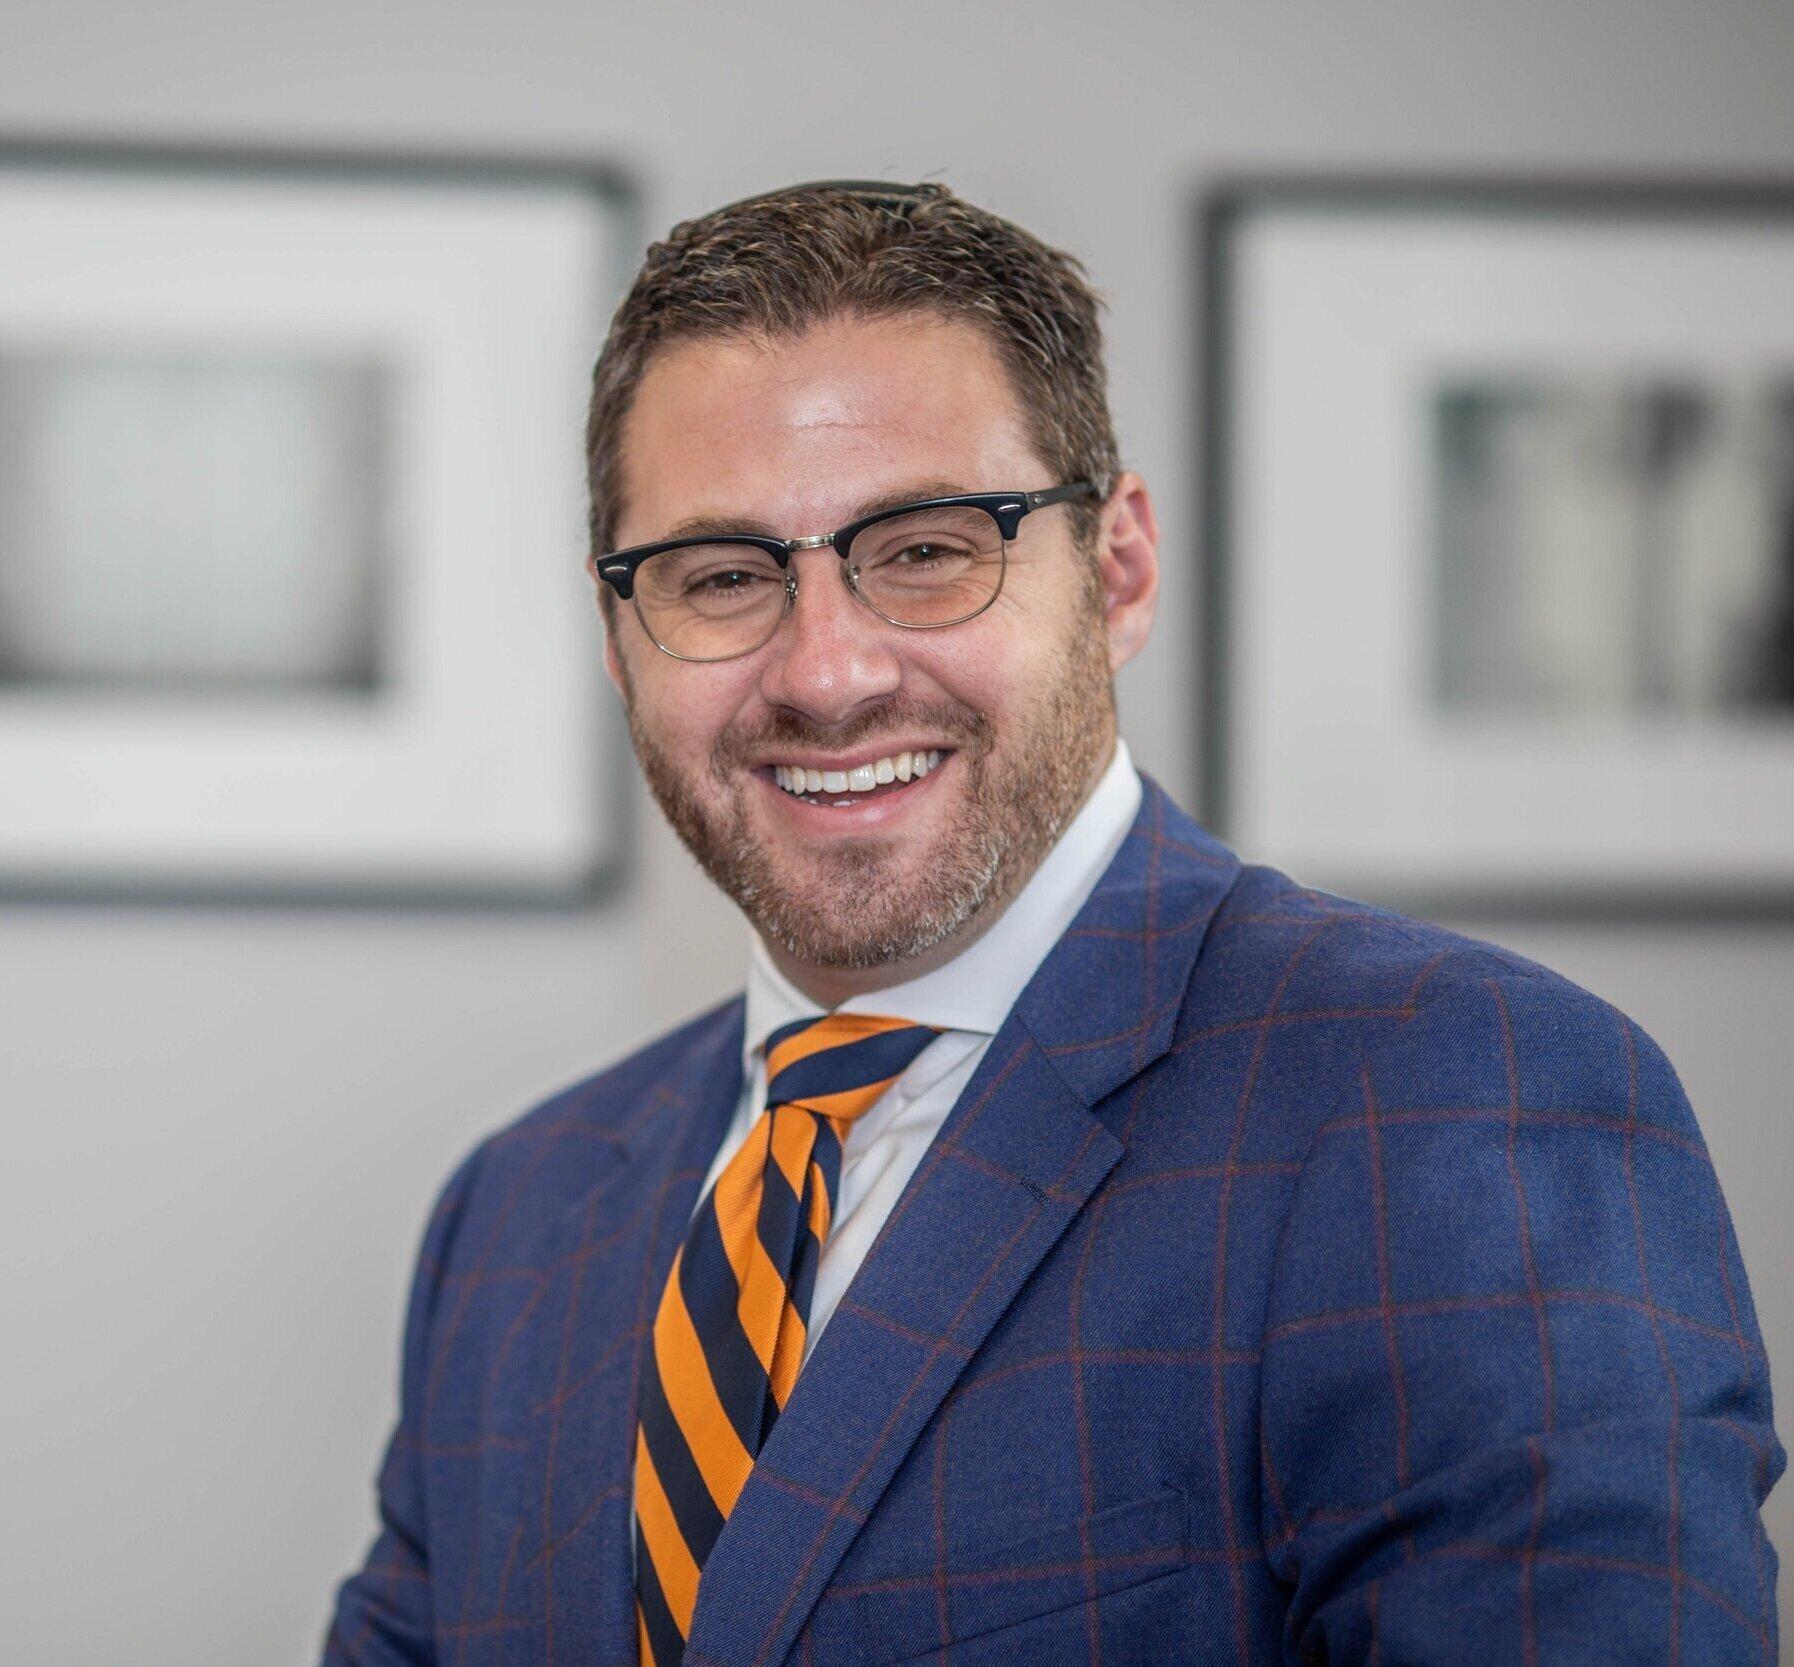 Rabbi Aaron Braun